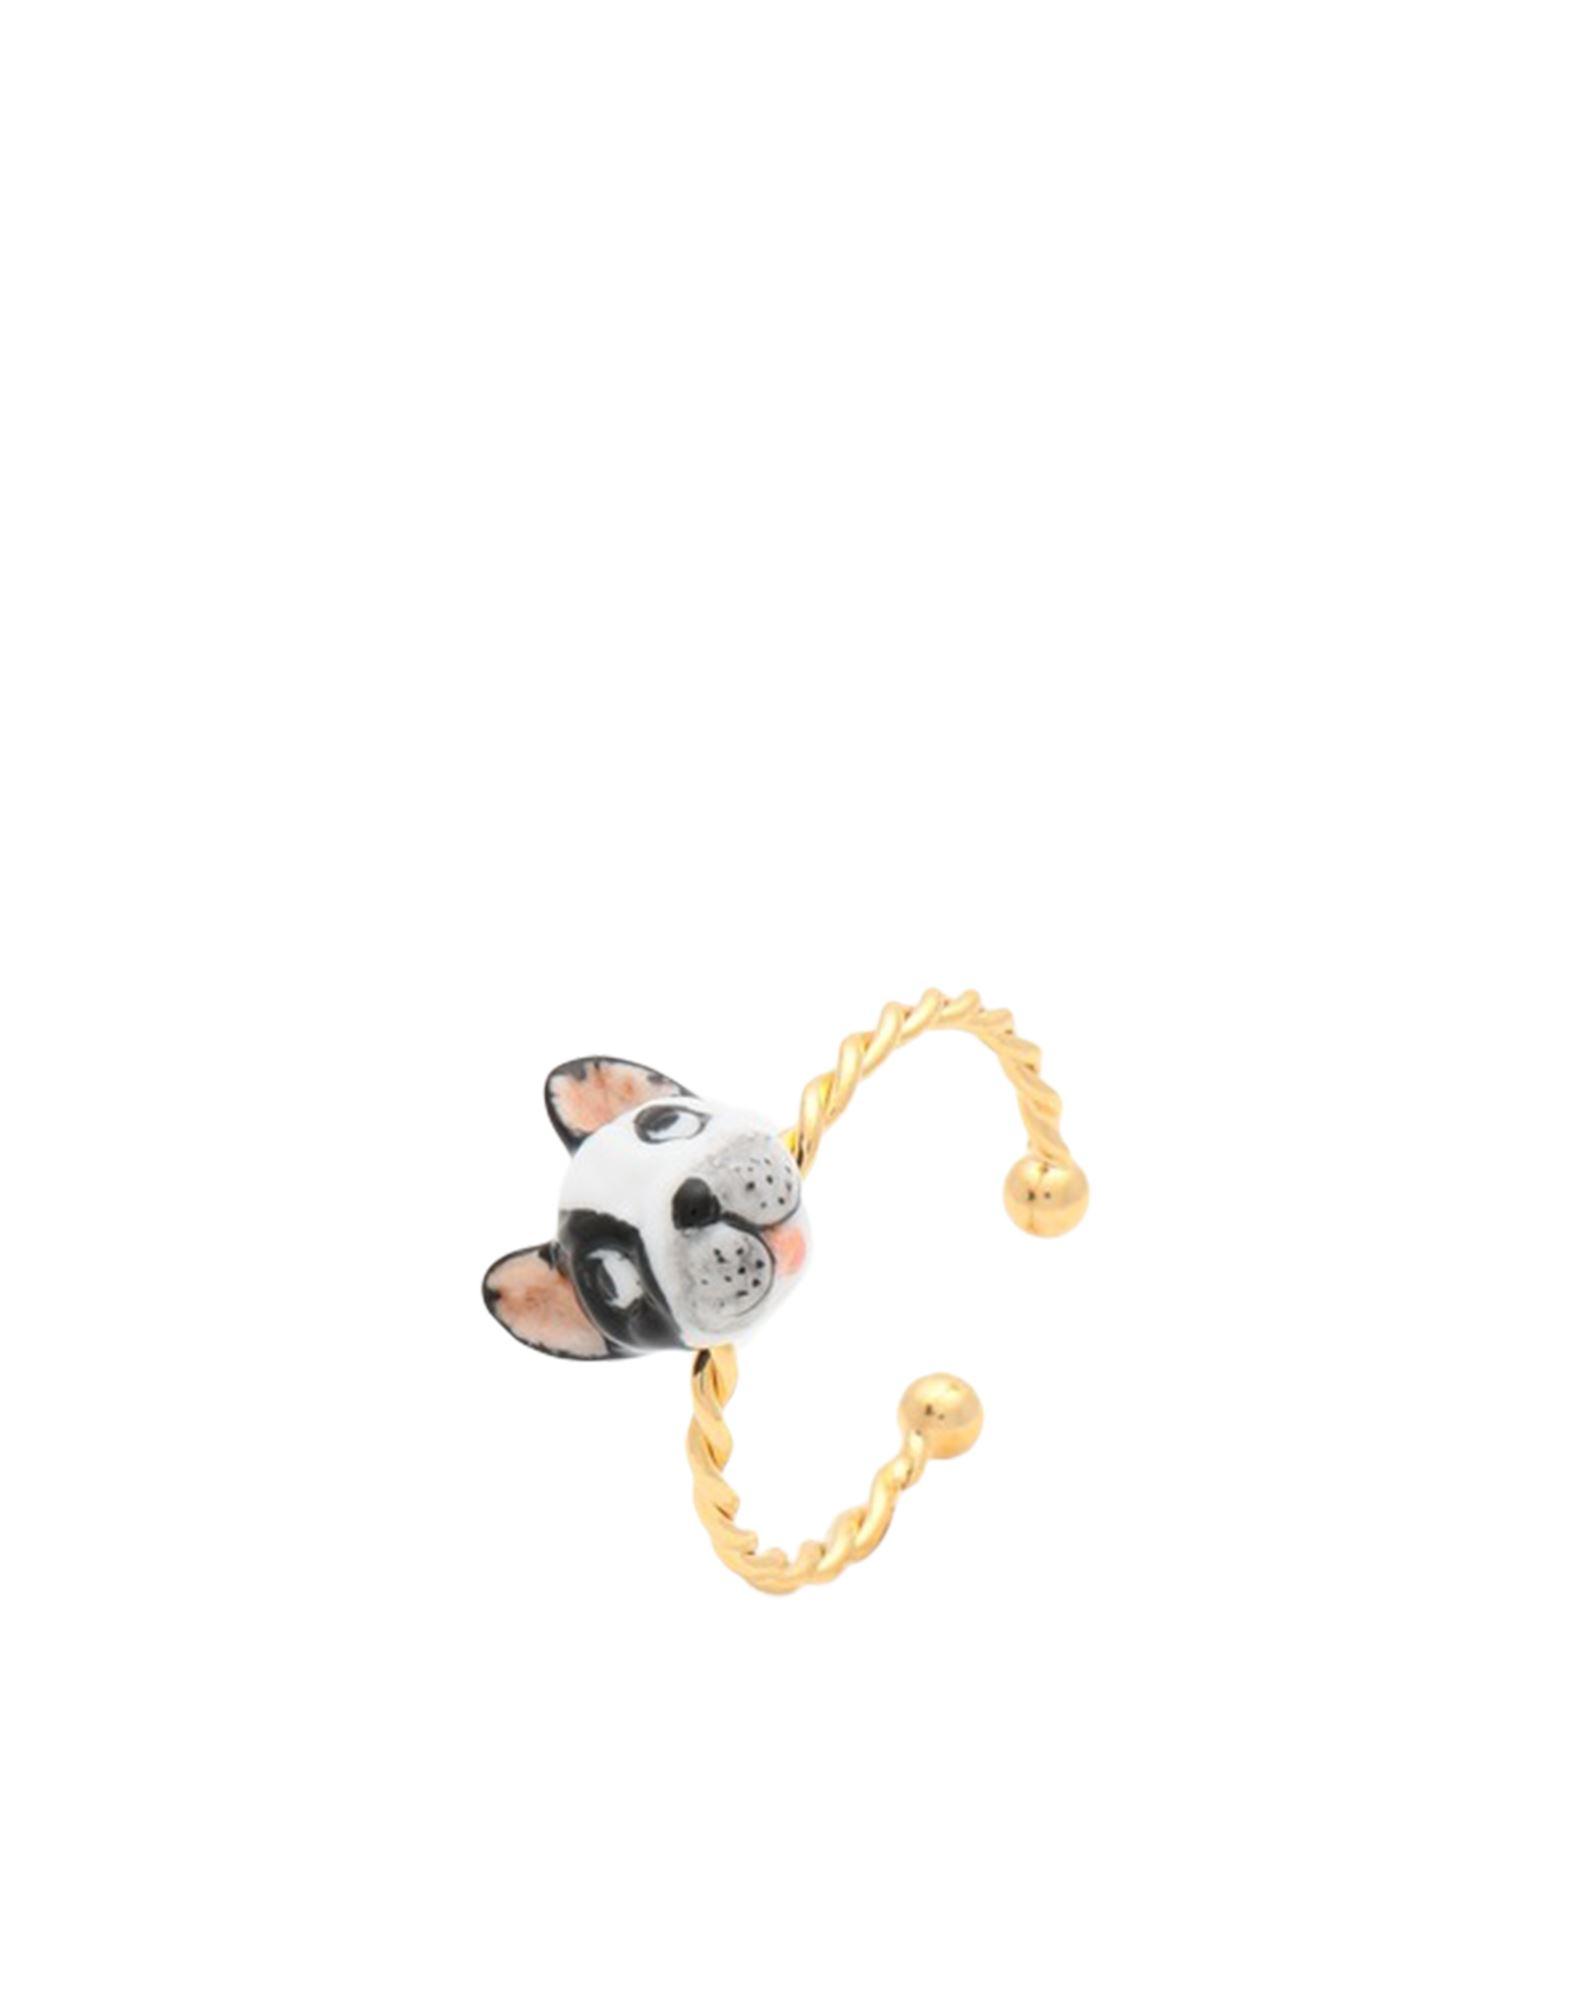 《セール開催中》NACH レディース 指輪 ブラック OneSize セラミック / 真鍮/ブラス B & W FRENCH BULLDOG RING